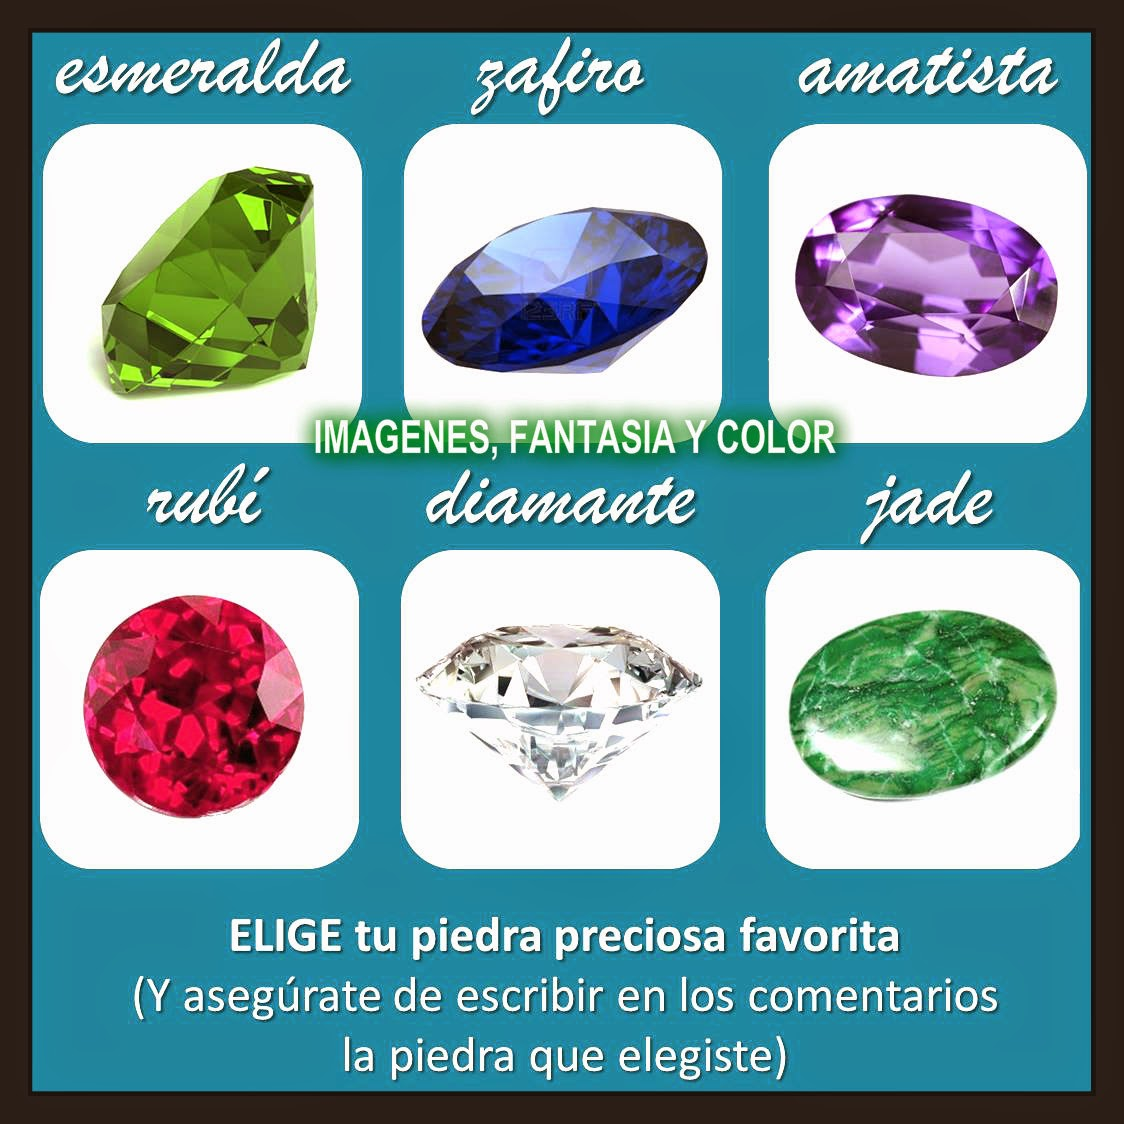 Imagenes fantasia y color test de las piedras preciosas for Cual es el color piedra